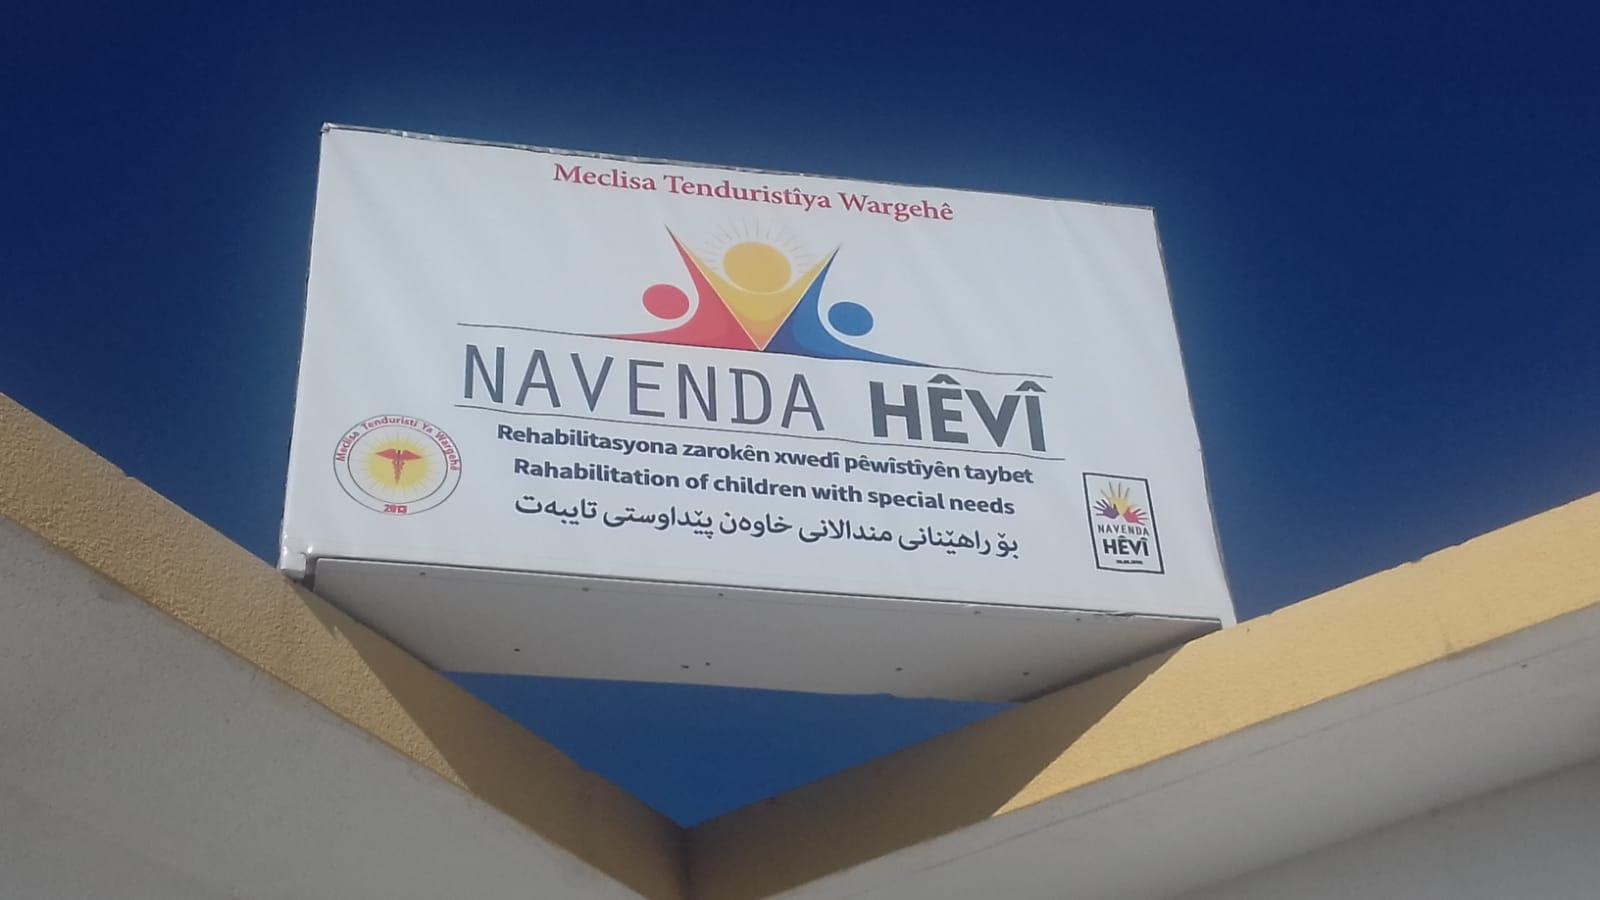 Nel campo c'è questo prezioso centro di cura per bambini handicappati. È l'unico in tutta la regione! ! È attivo da pochi mesi e ha in cura 27 ragazzi, 20.3.19